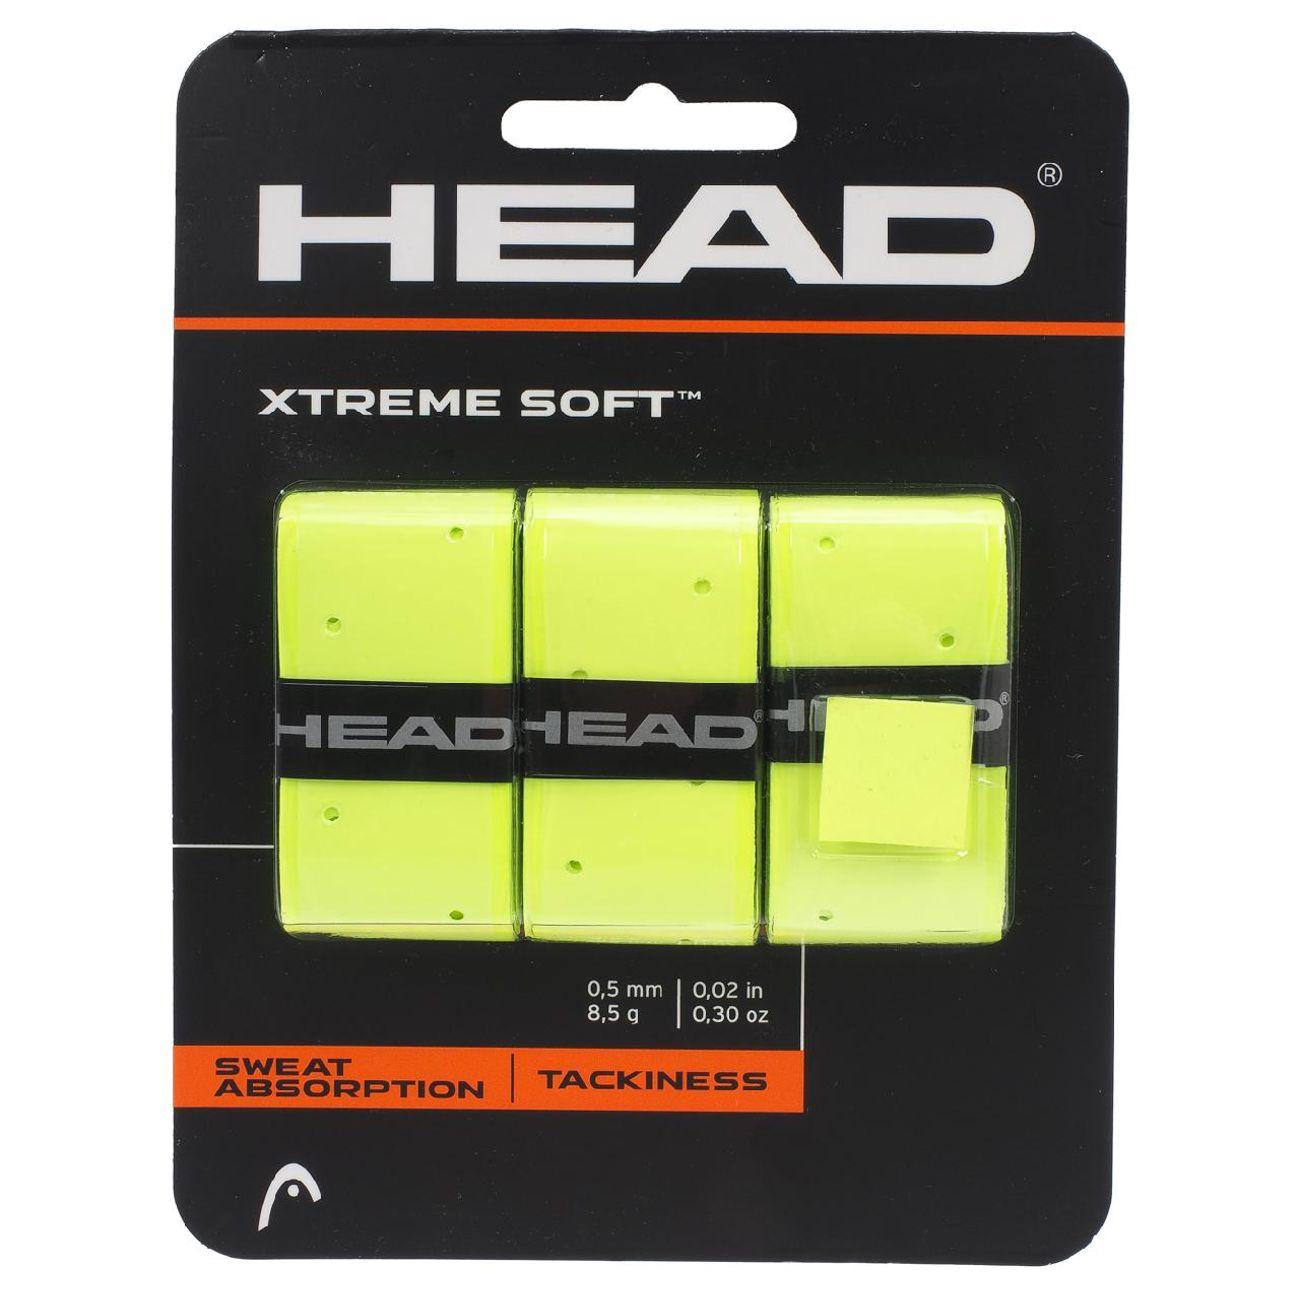 Tennis homme HEAD Xtreme soft jaune